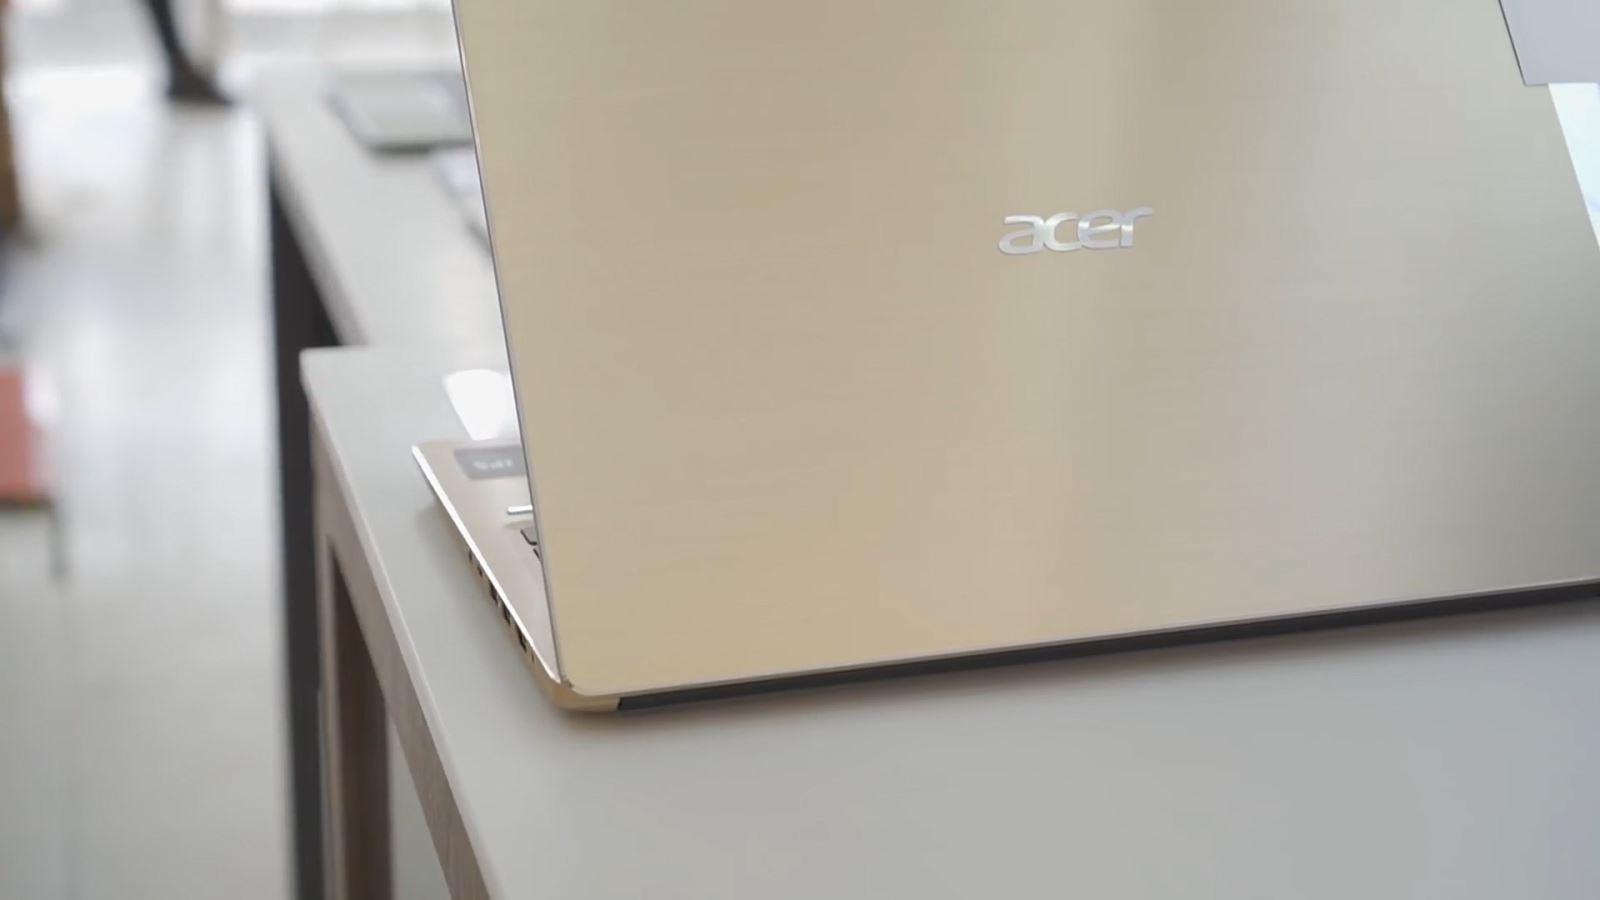 Mua Asus ZenBook và Acer Swift để hưởng nhiều khuyến mãi hấp dẫn - Hình 3